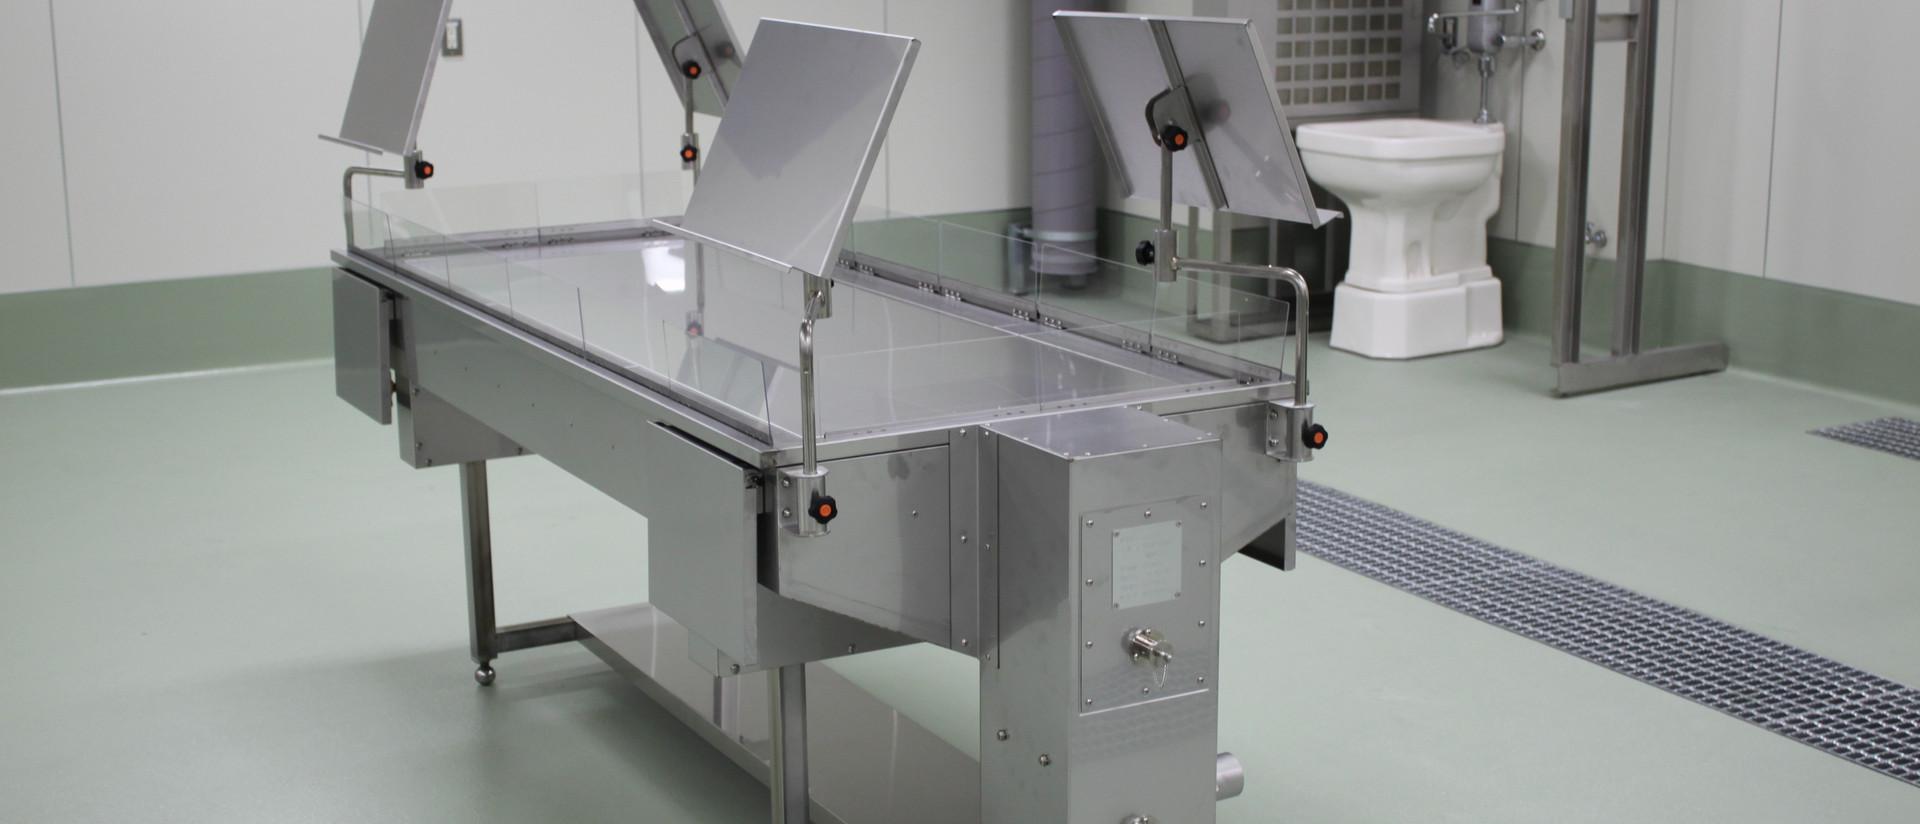 プル式解剖実習台 下部排気